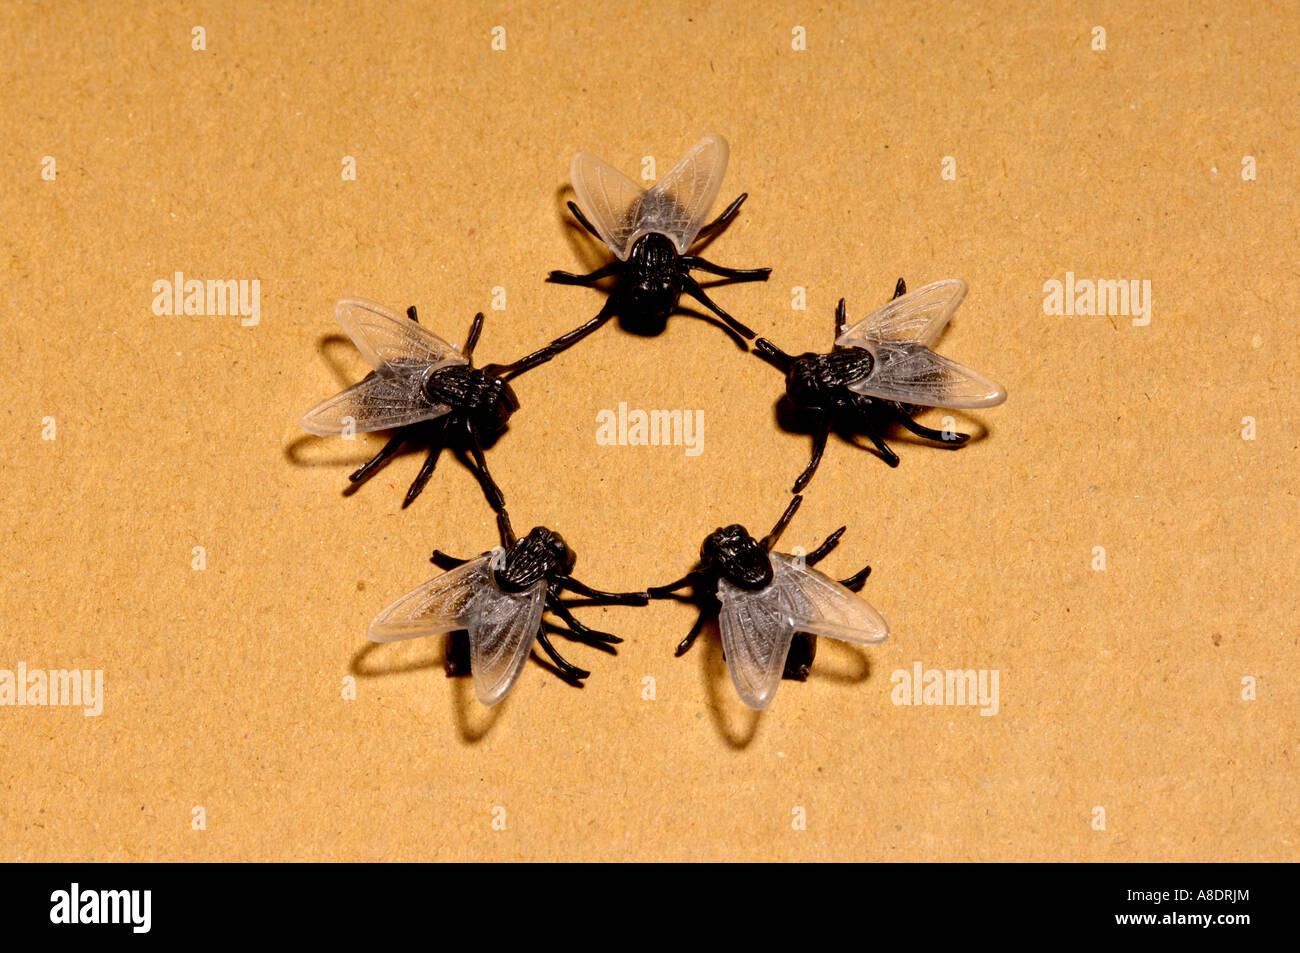 5 toy plastic flies - Stock Image